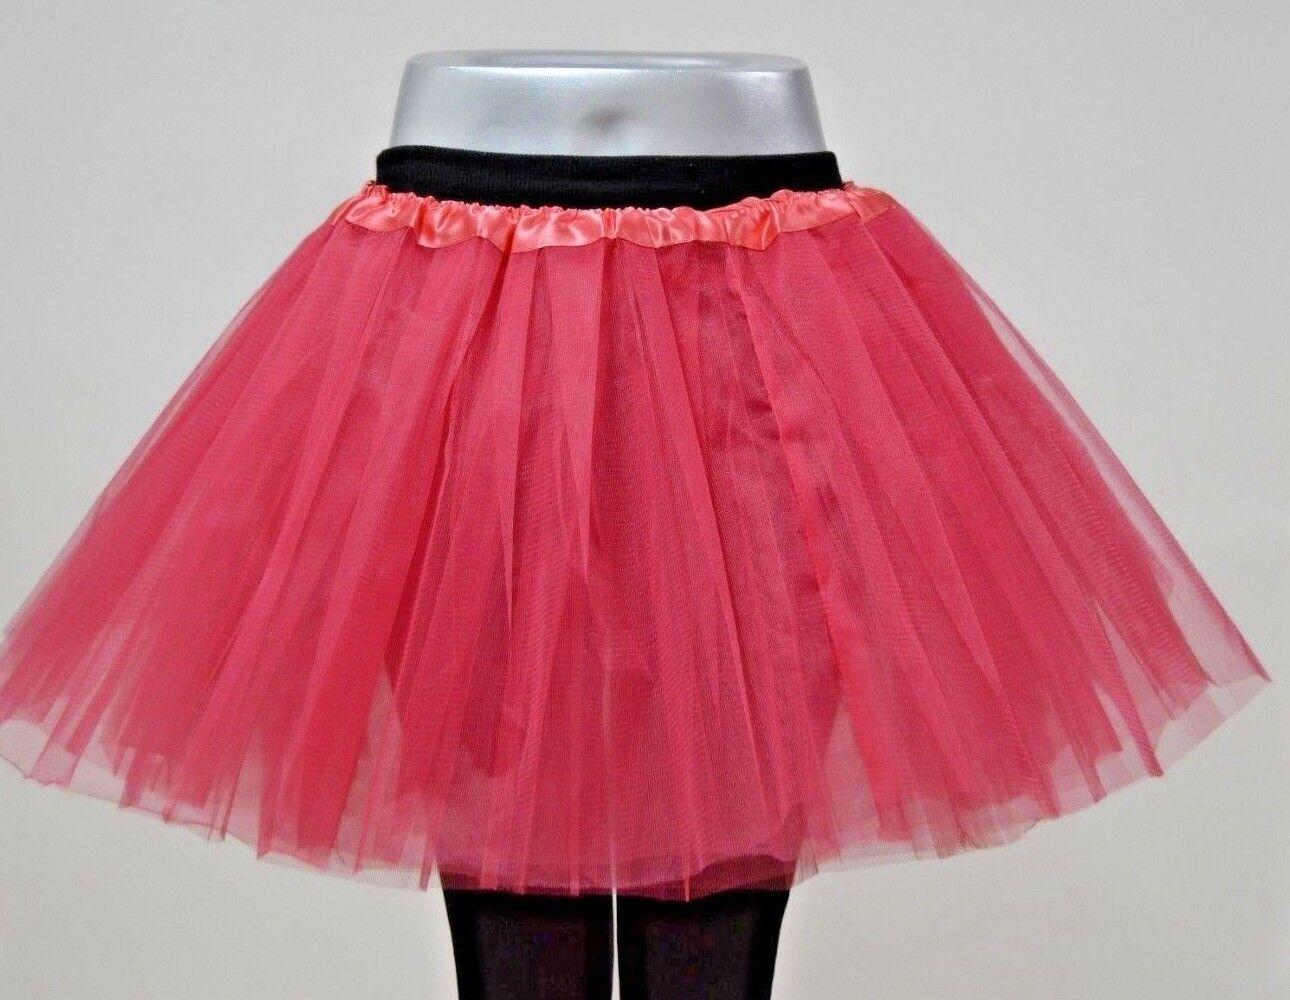 Tütü Tutu Ballettrock Tüllrock 3 Lagen Petticoat Ballettkleid Rock S-XL Pink